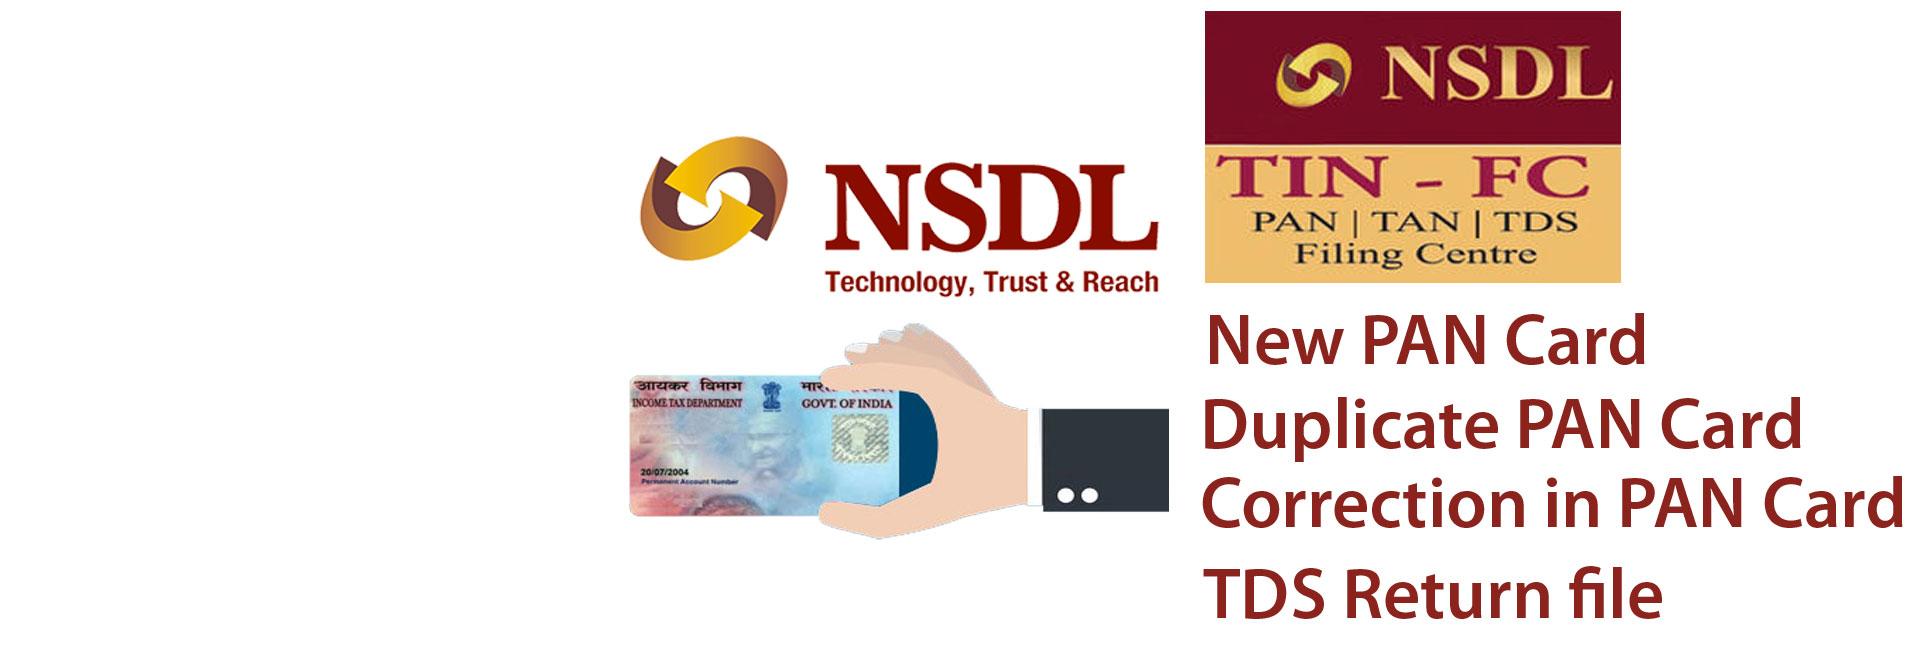 TNFC Services